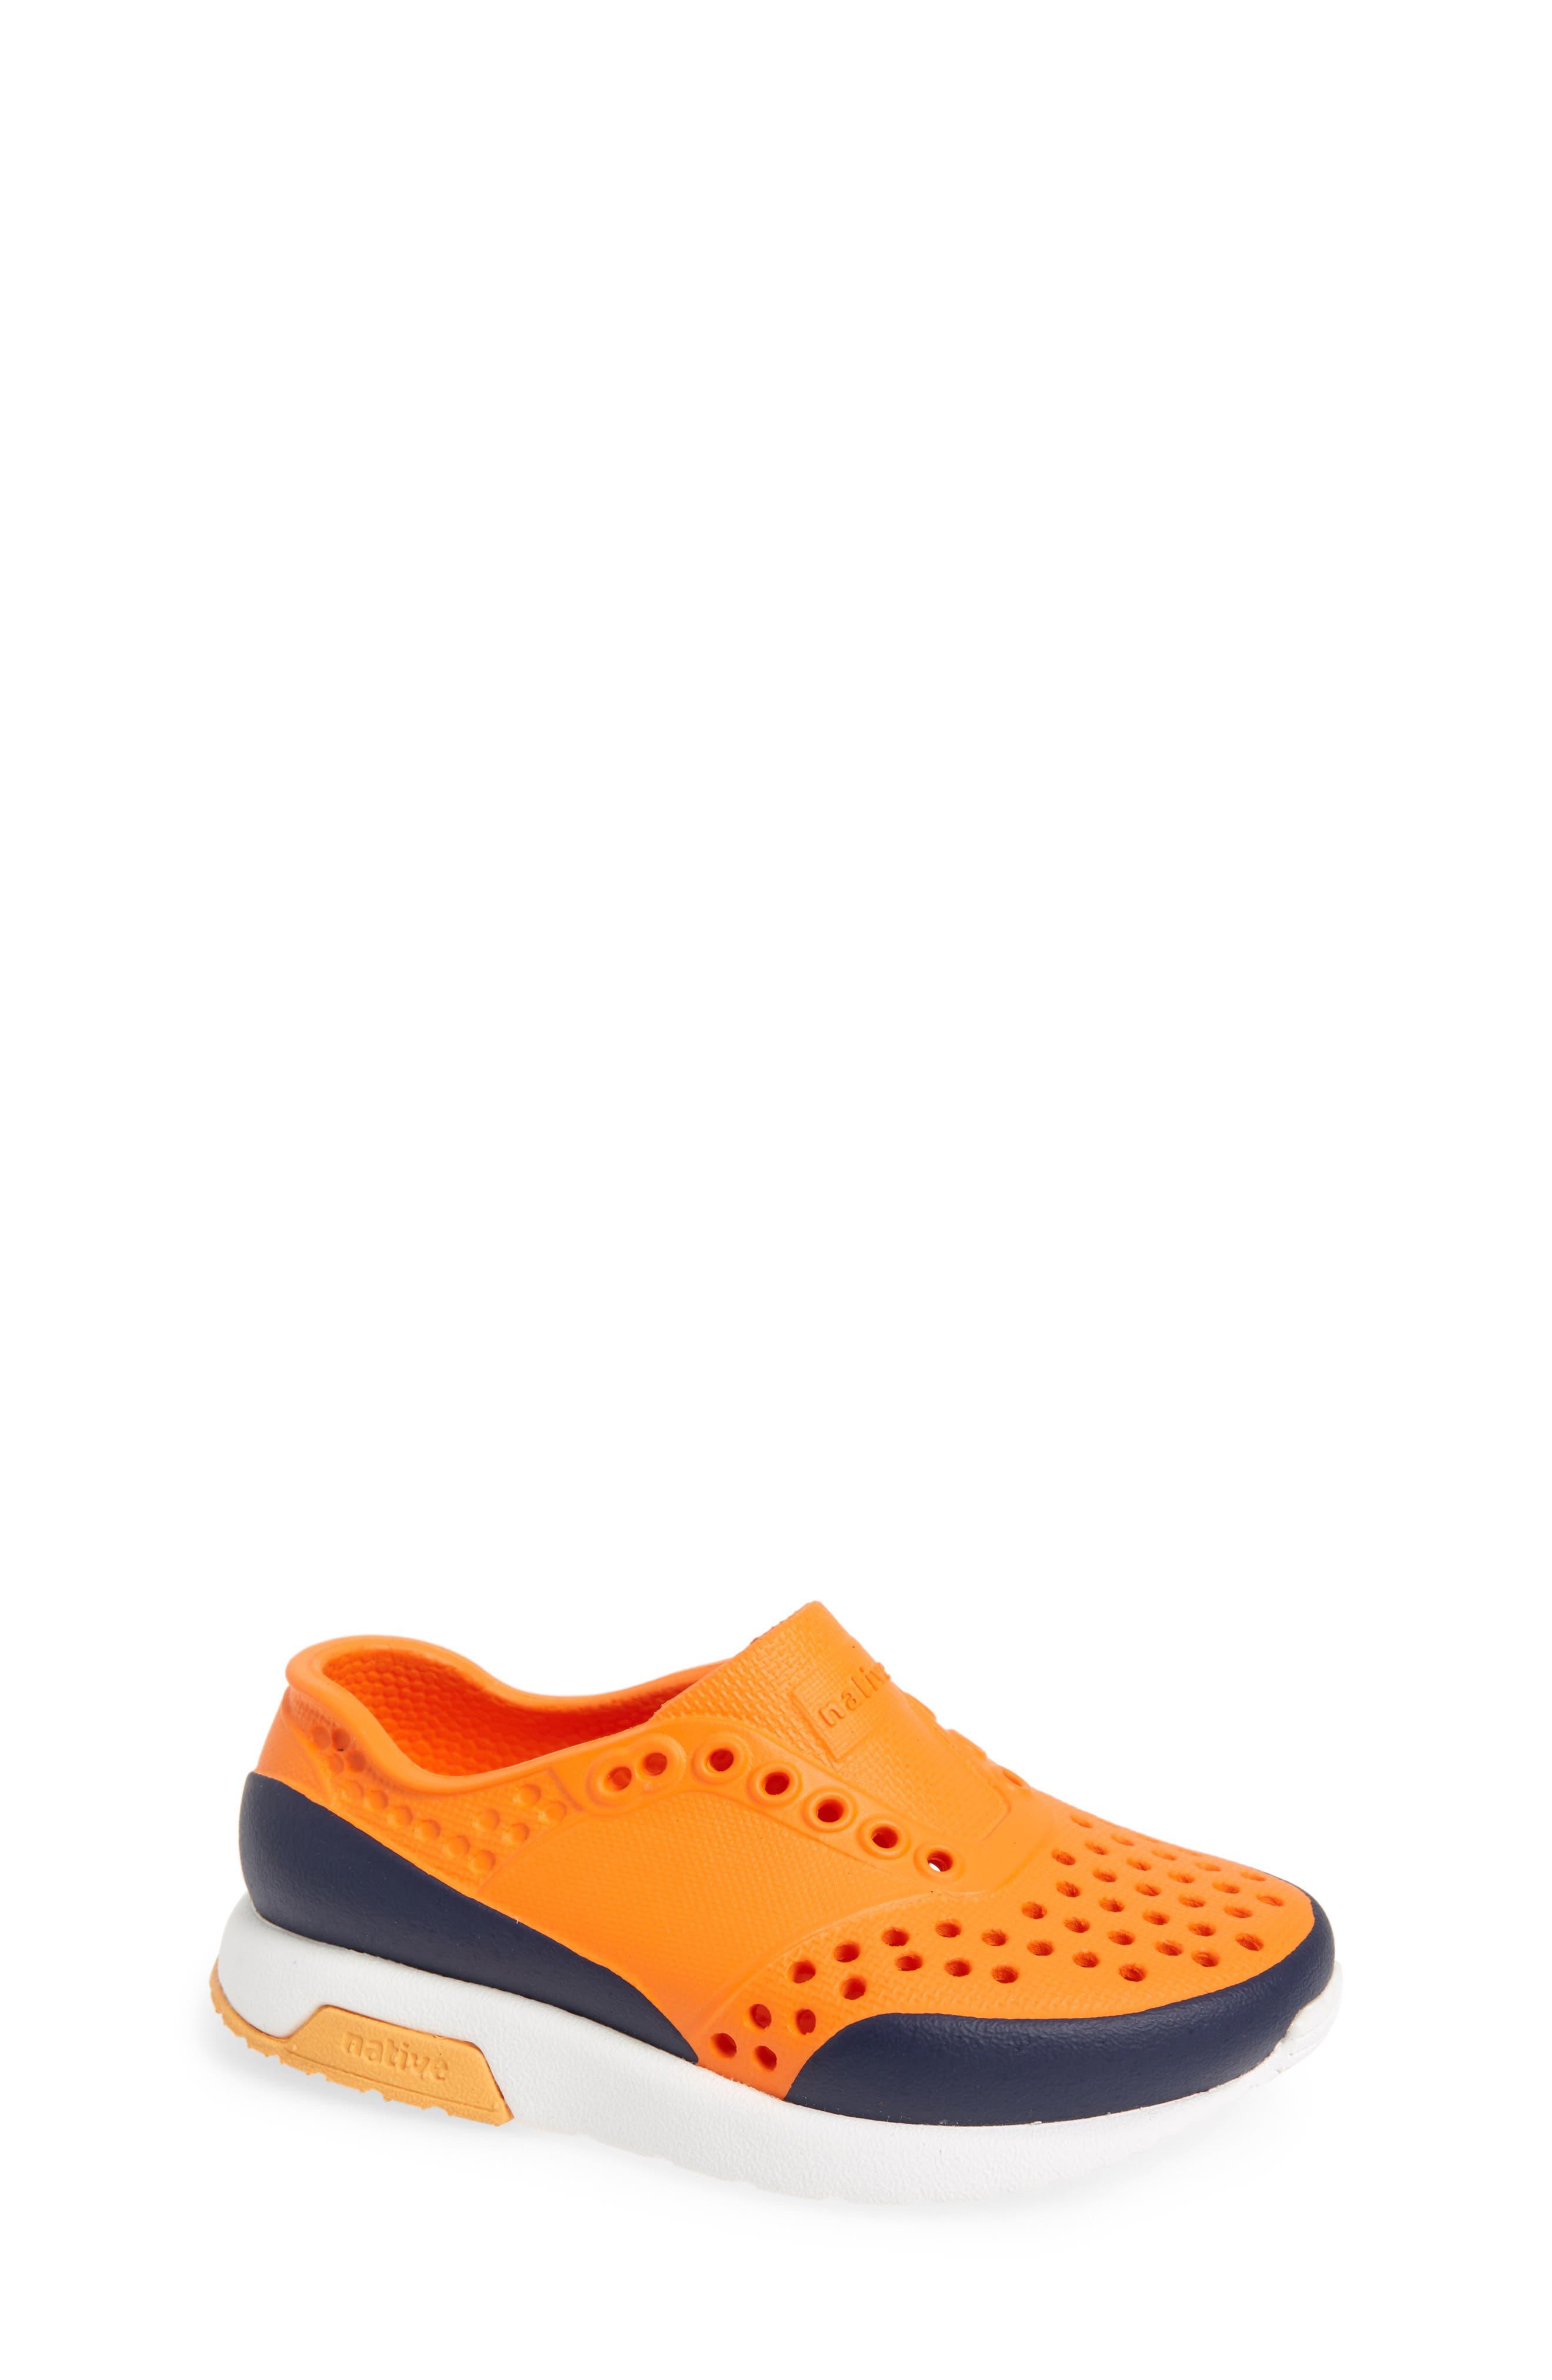 Lennox Block Slip-On Sneaker,                         Main,                         color, Sunset Orange/ White/ Blue